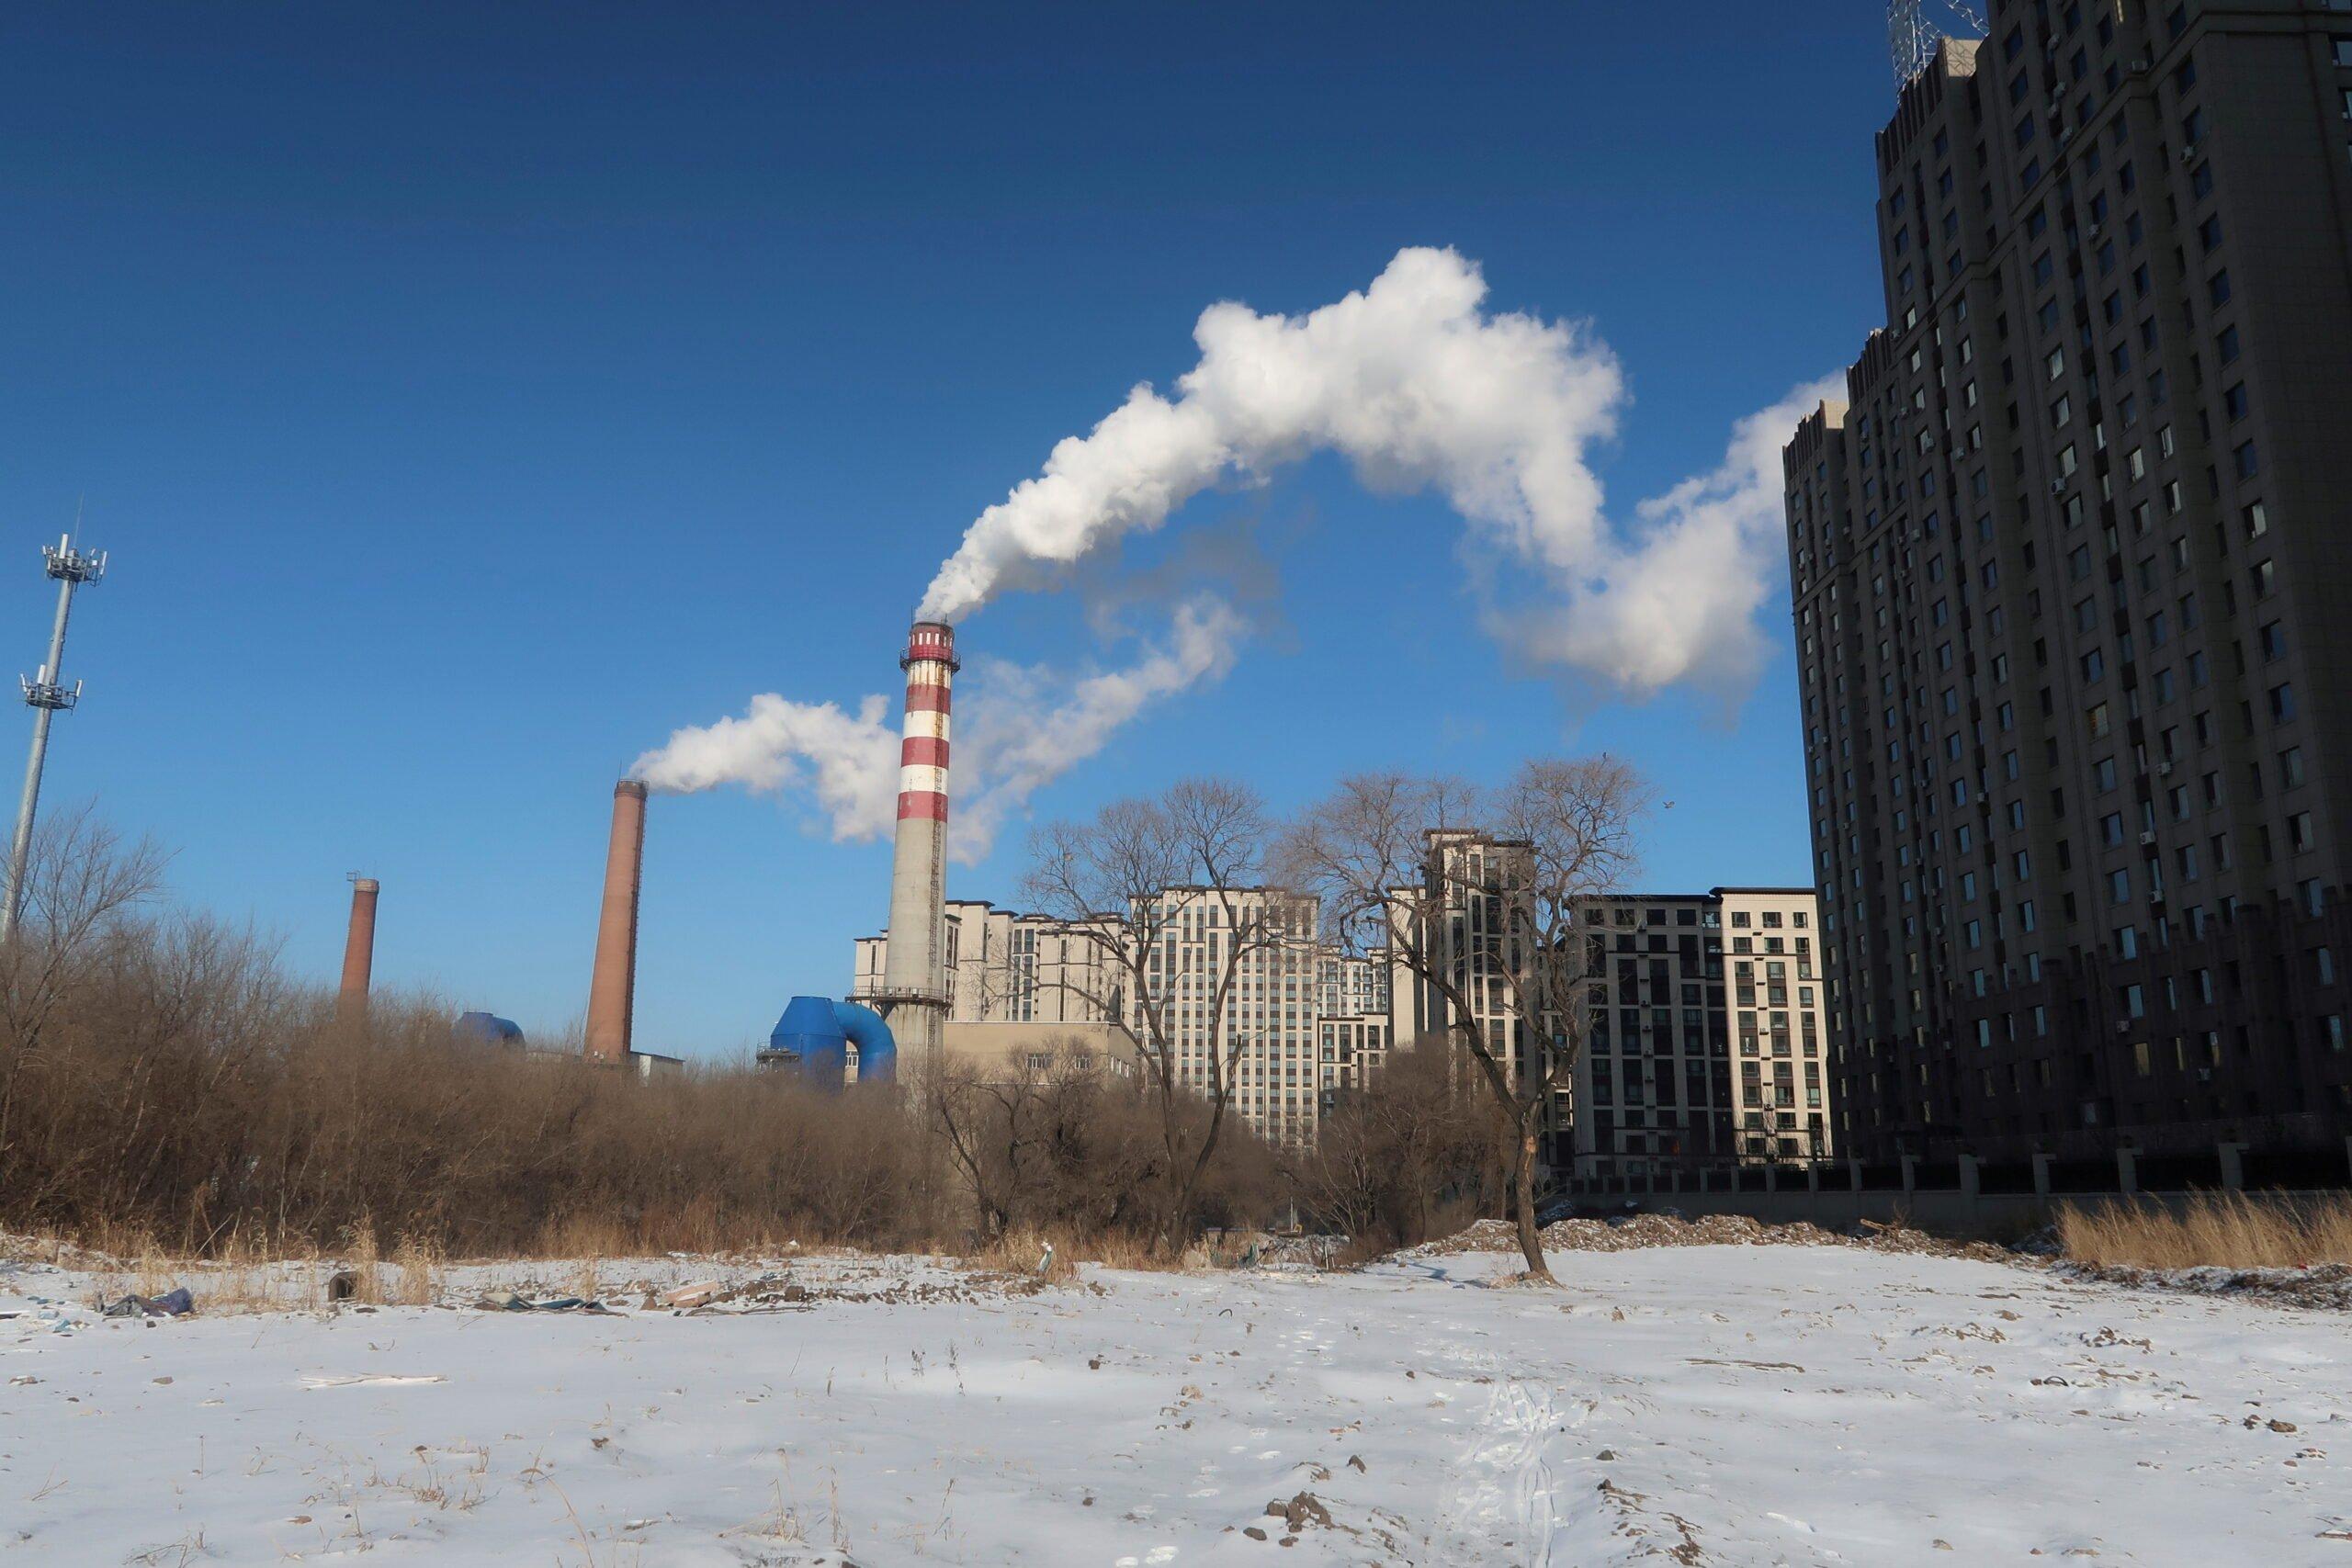 Ημέρα της Γης: Η αλλαγή του κλίματος απαιτεί από όλους μας να δράσουμε τώρα